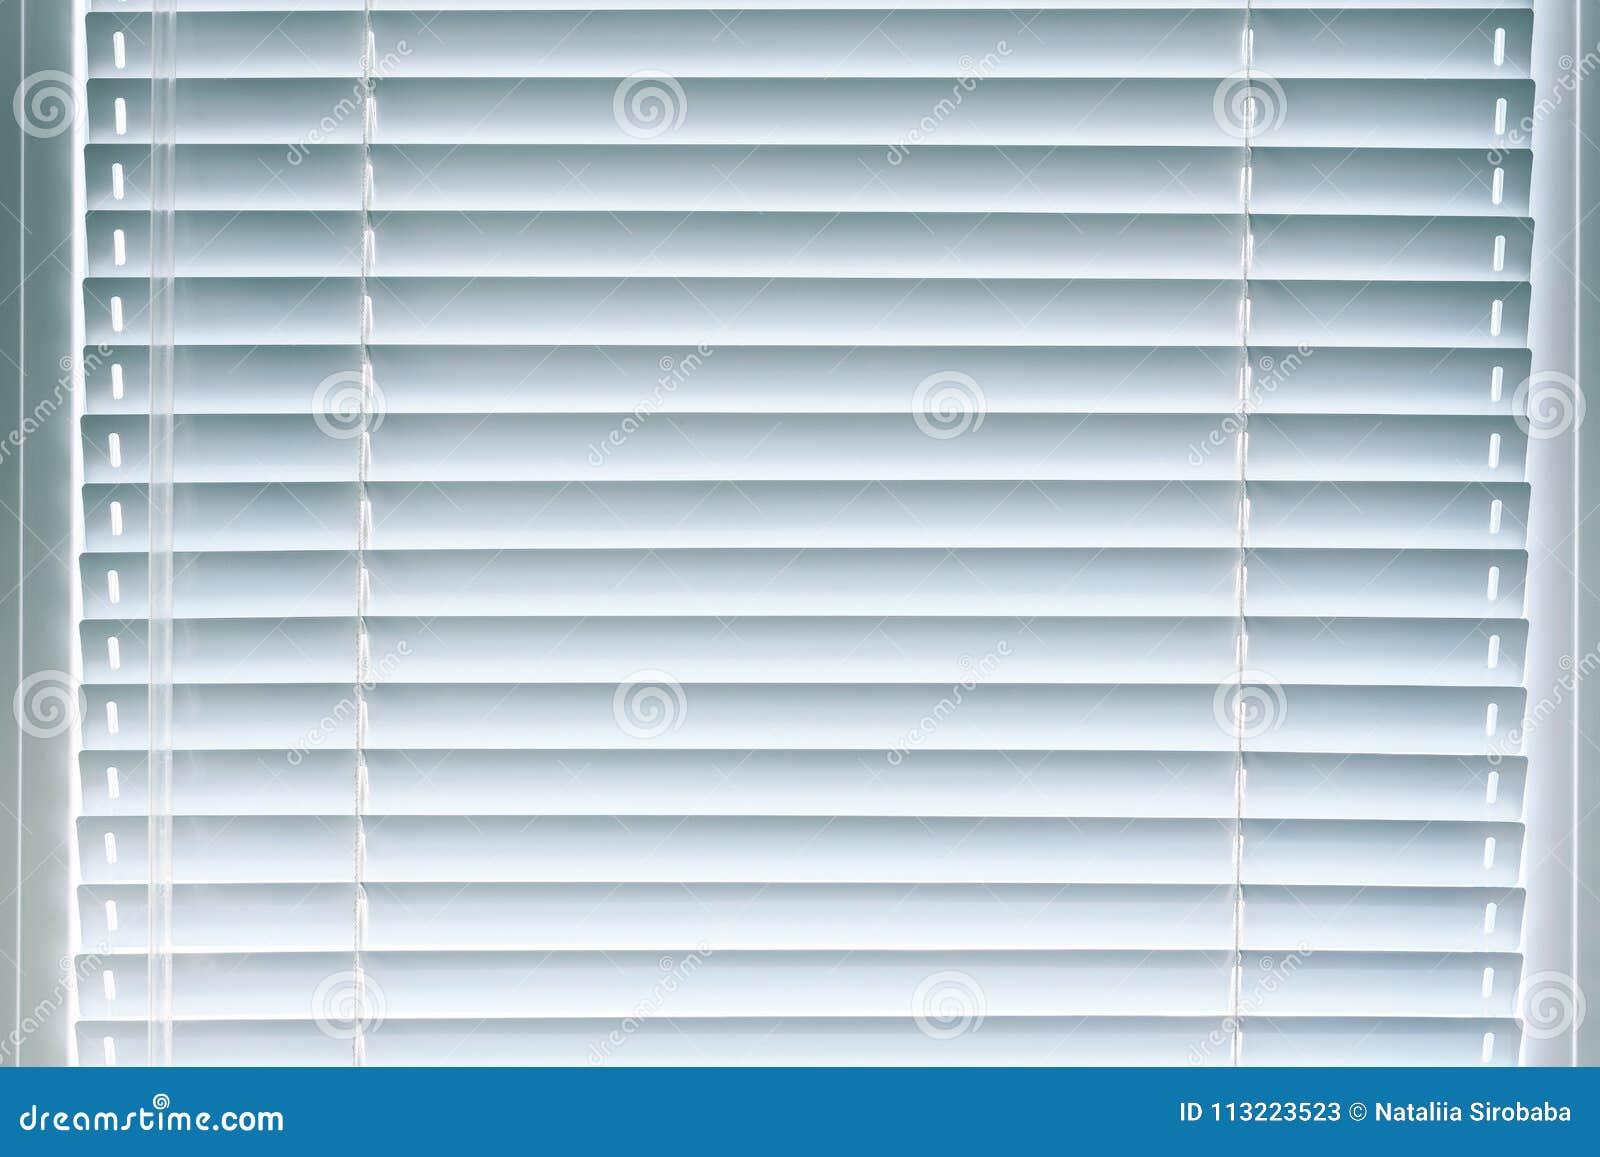 Window Aluminum Blinds Background Stock Image Image Of Look Horizontal 113223523